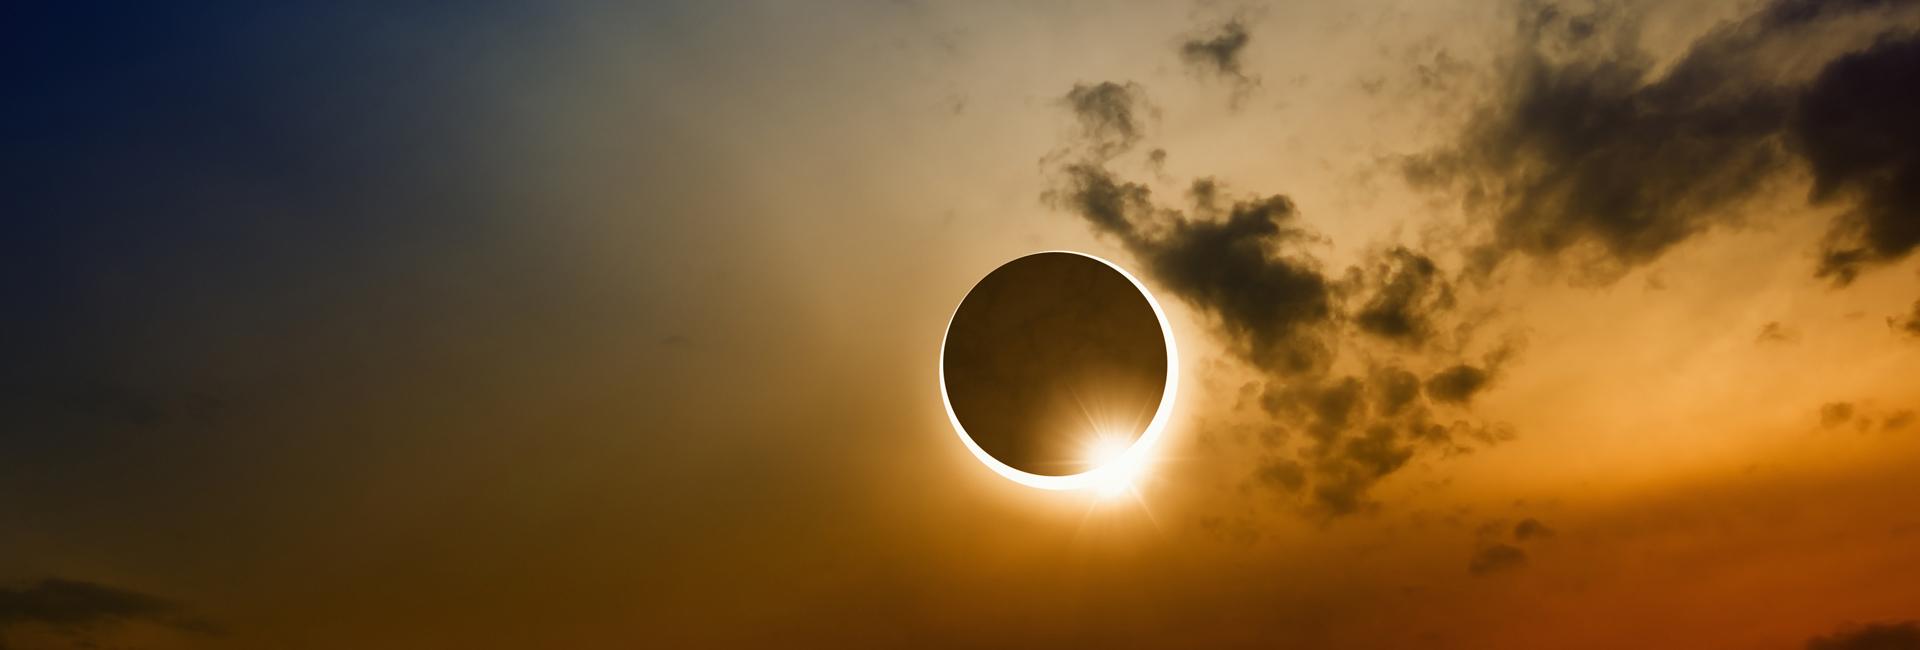 Argentina y Chile tienen un nuevo eclipse solar total en dos años consecutivos